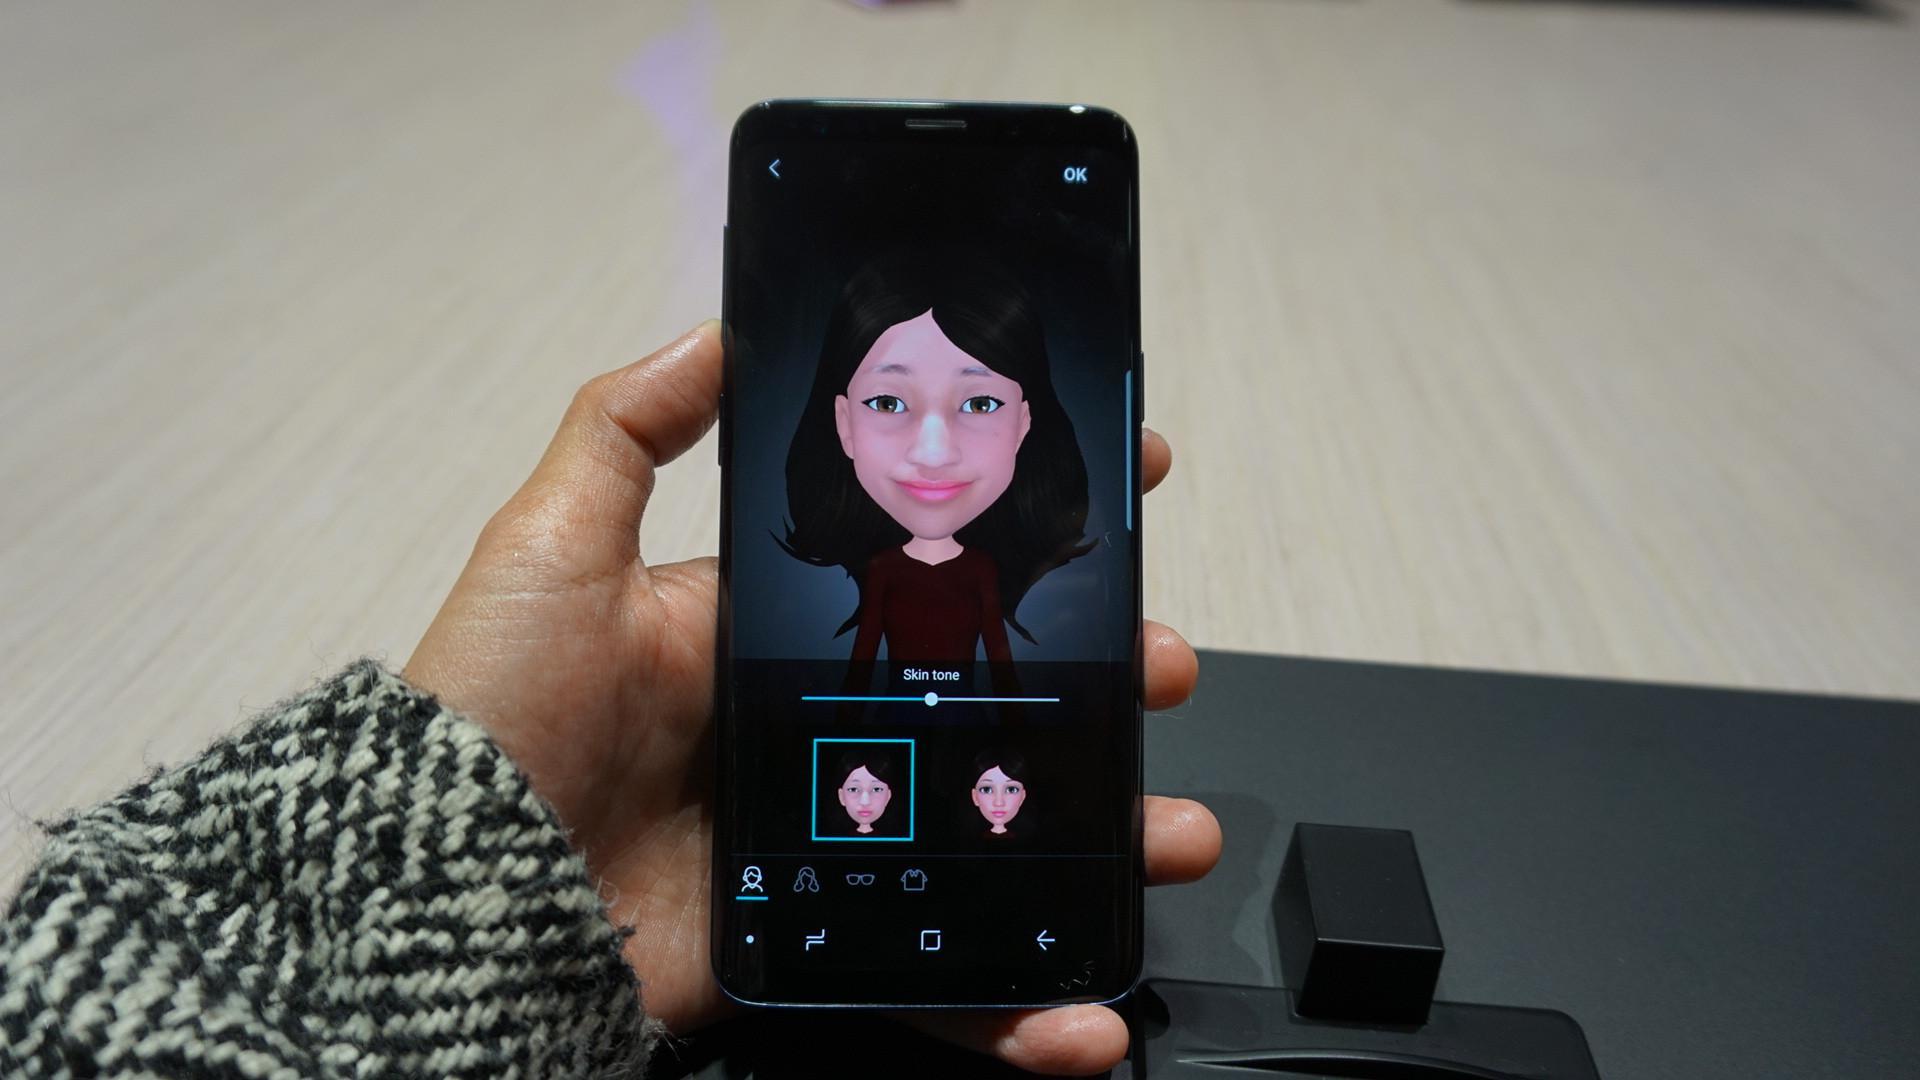 AR Emoji Fitur Keren Galaxy S9 Yang Bisa Sulap Wajah Jadi